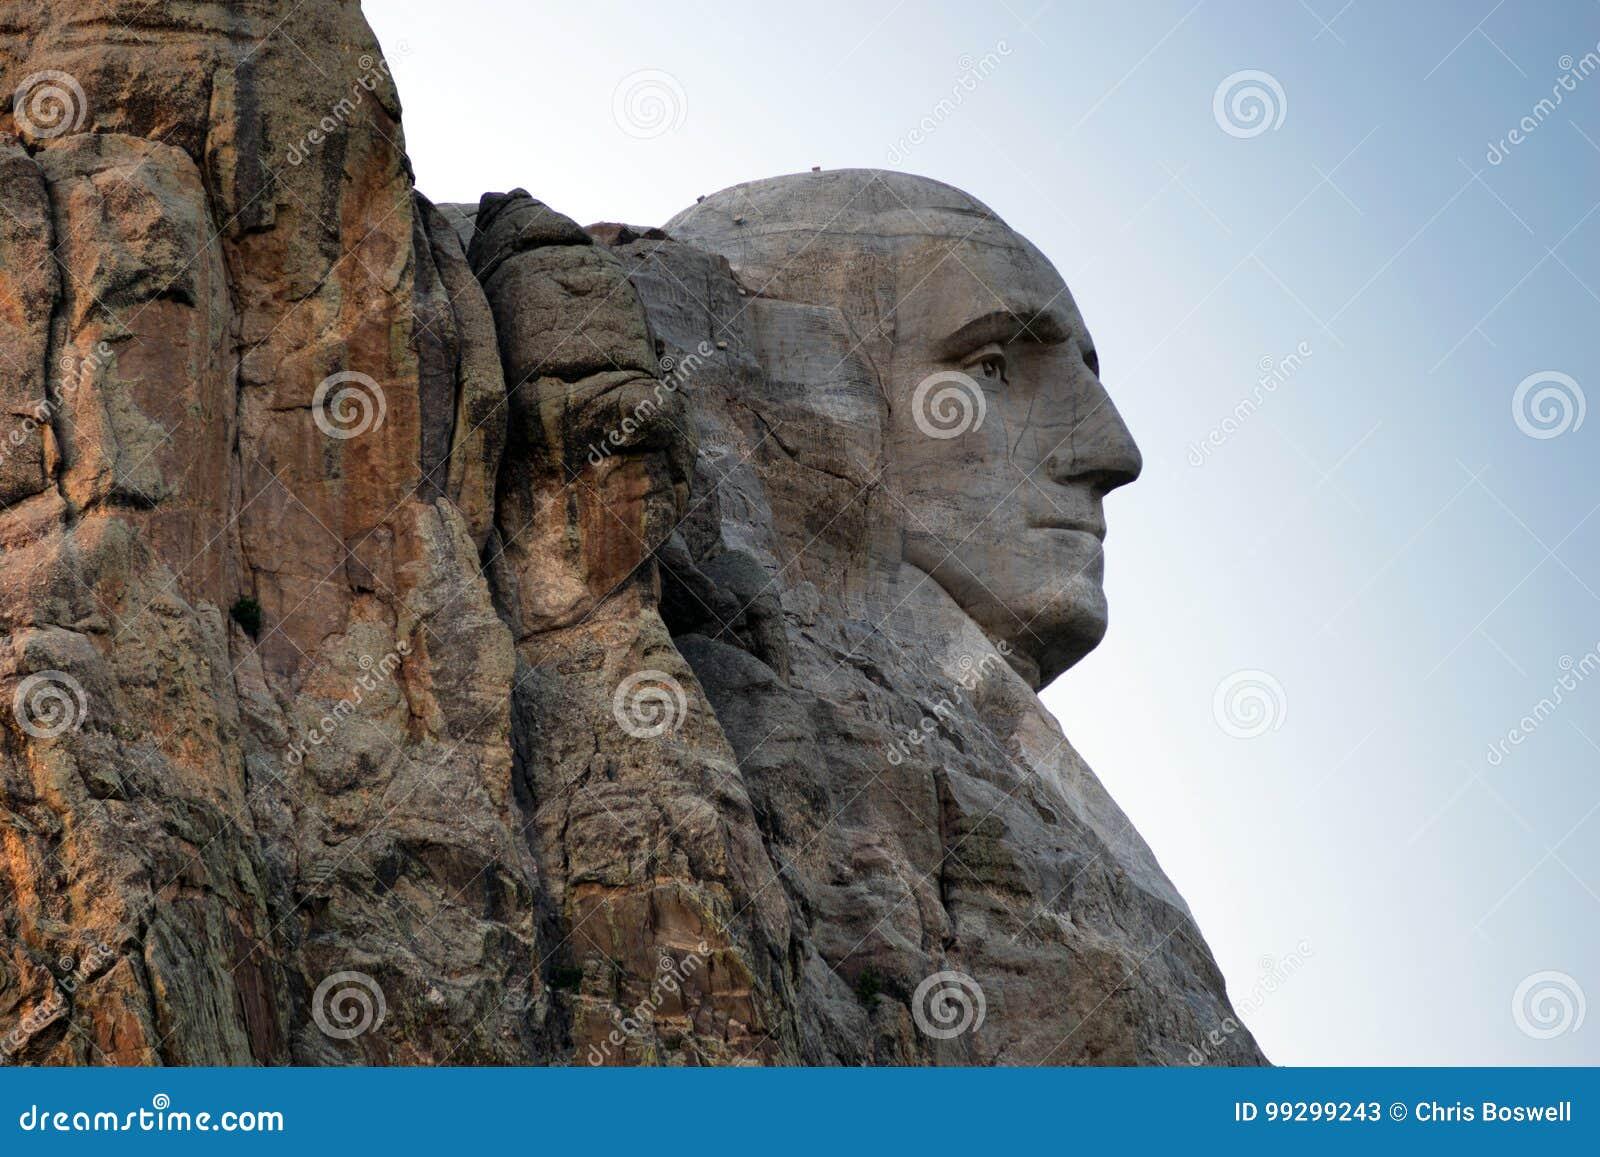 Dacota Rock